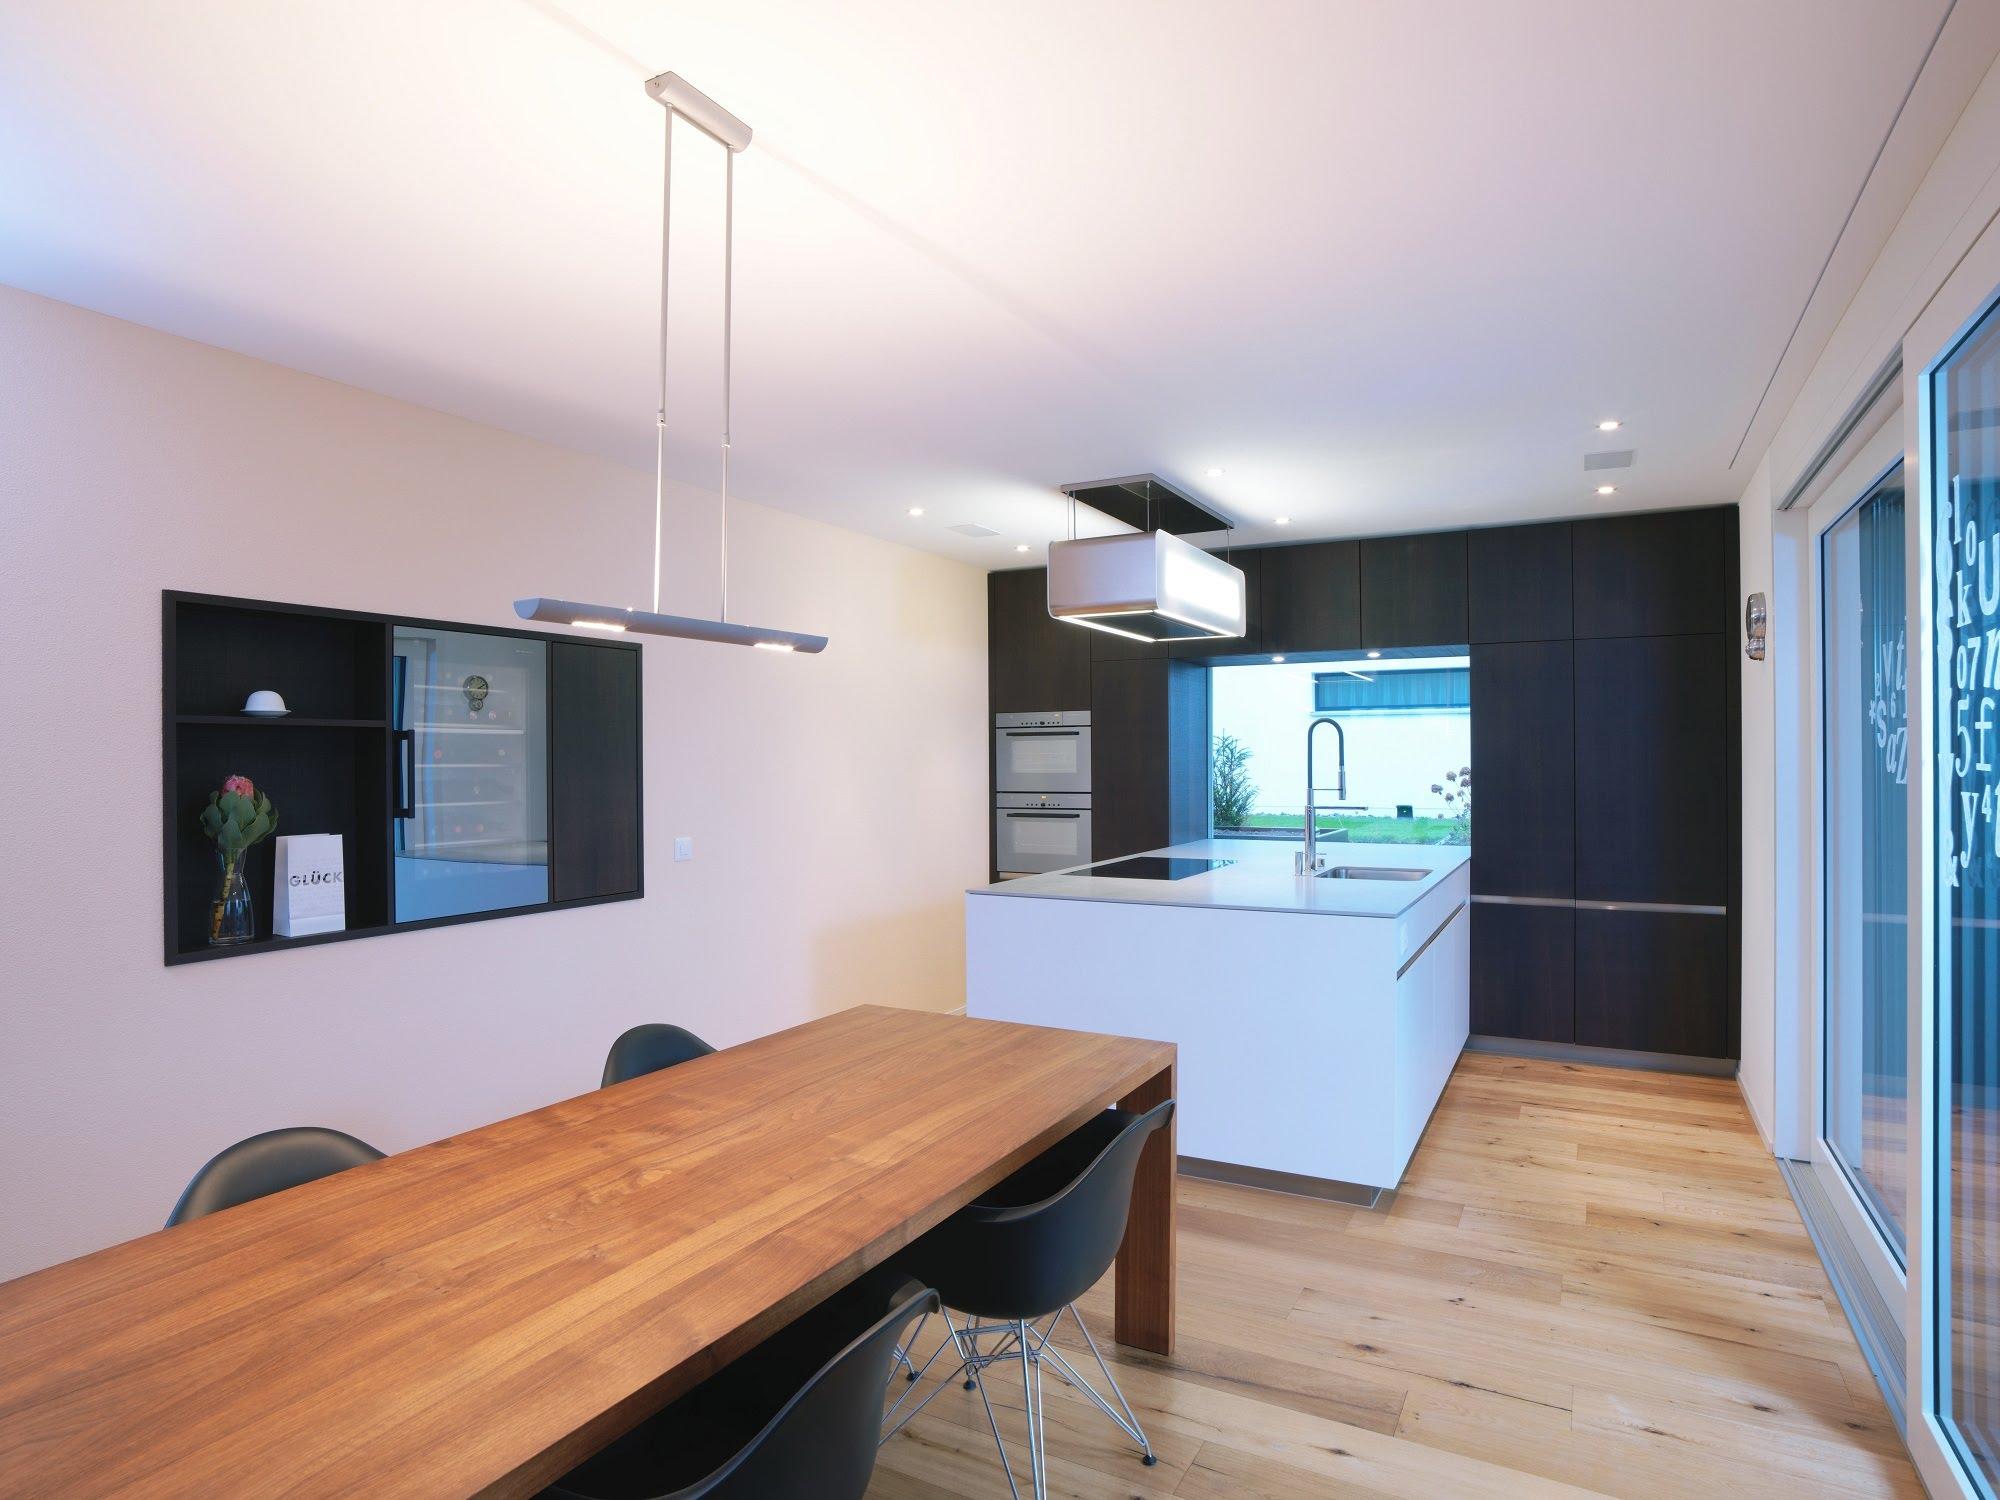 Küche mit Holz- und Lackfronten - Küchen & Küchenumbau-Küchen werden immer mehr zum Ort der Begegnung - Sursee, Willisau, Aargau, Zentralschweiz, Luzern, Zofingen